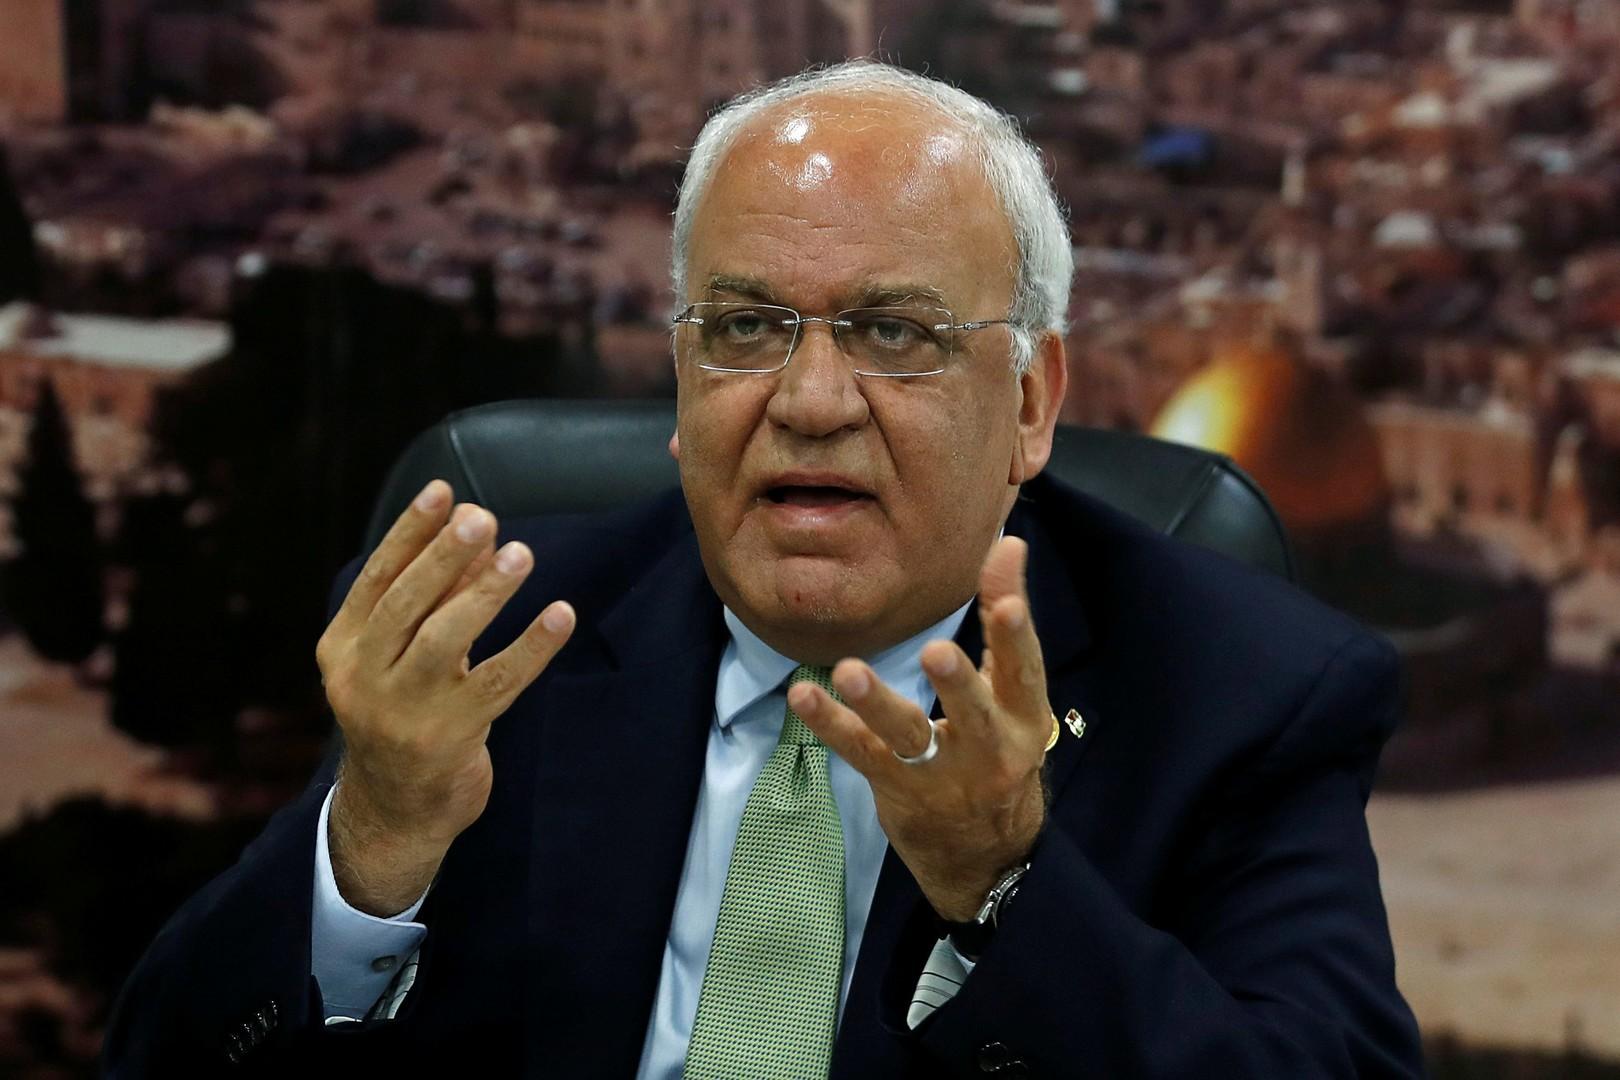 أمين سر اللجنة التنفيذية في منظمة التحرير الفلسطينية صائب عريقات